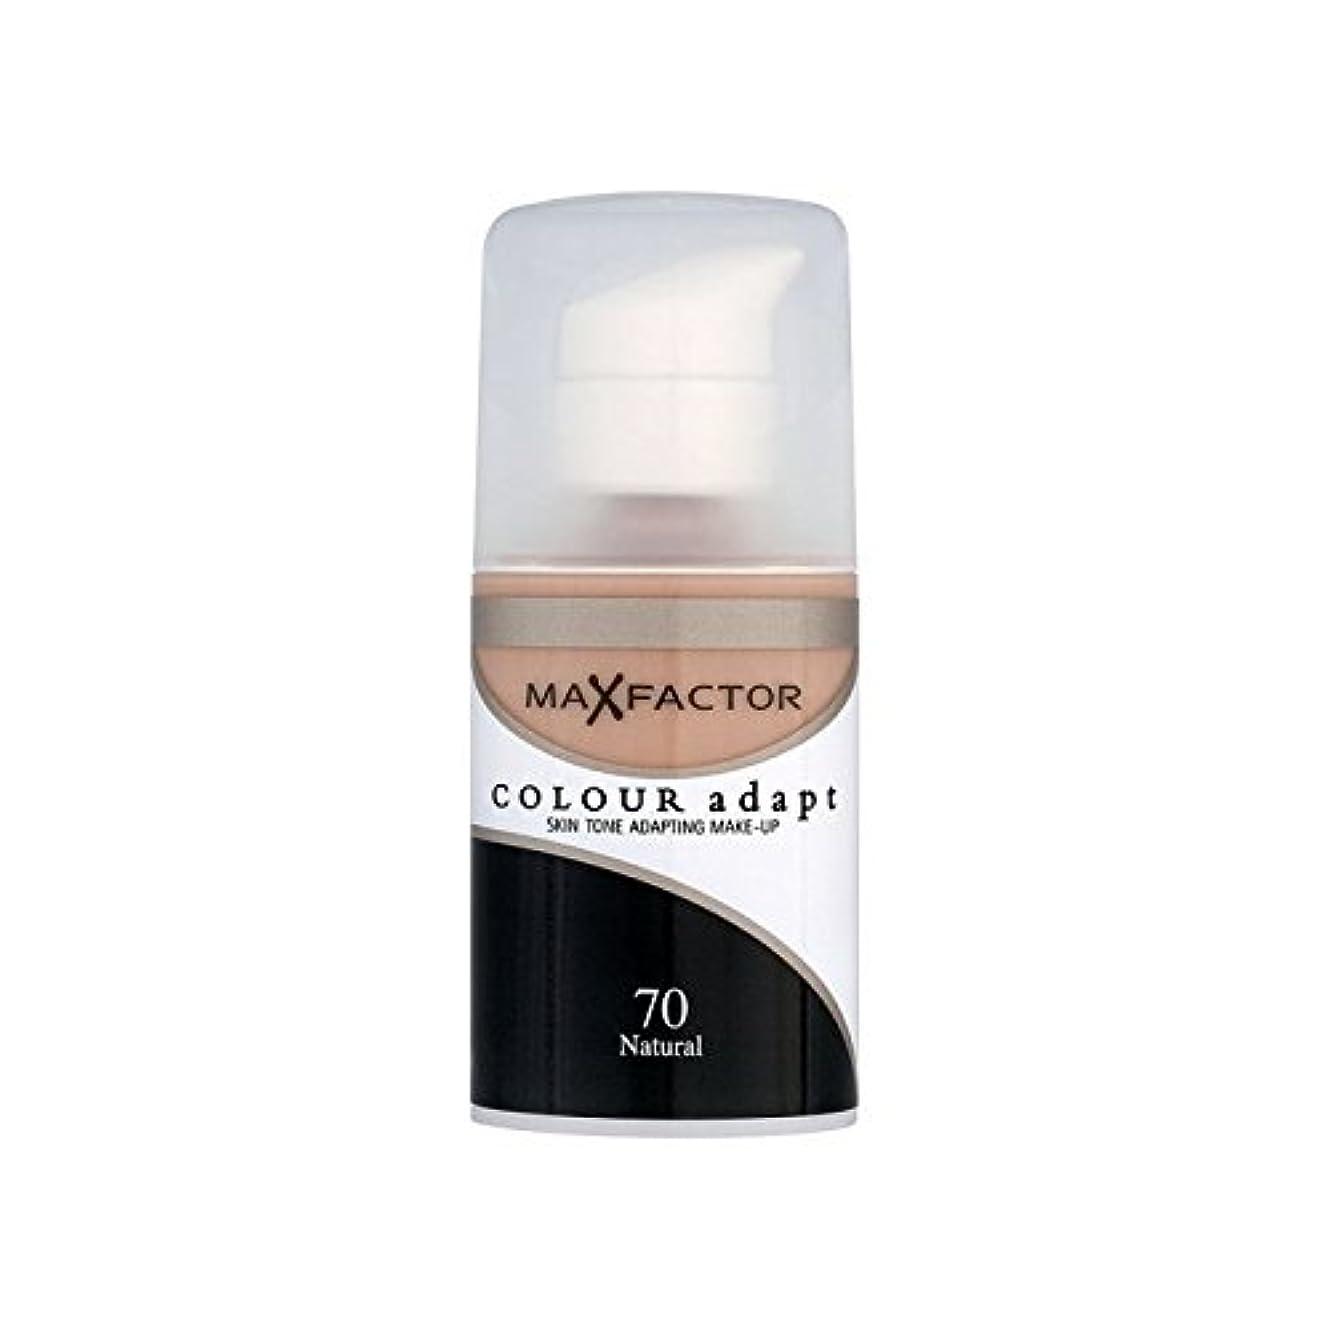 傾斜意欲産地マックスファクターの色は、基礎自然70を適応させます x2 - Max Factor Colour Adapt Foundation Natural 70 (Pack of 2) [並行輸入品]